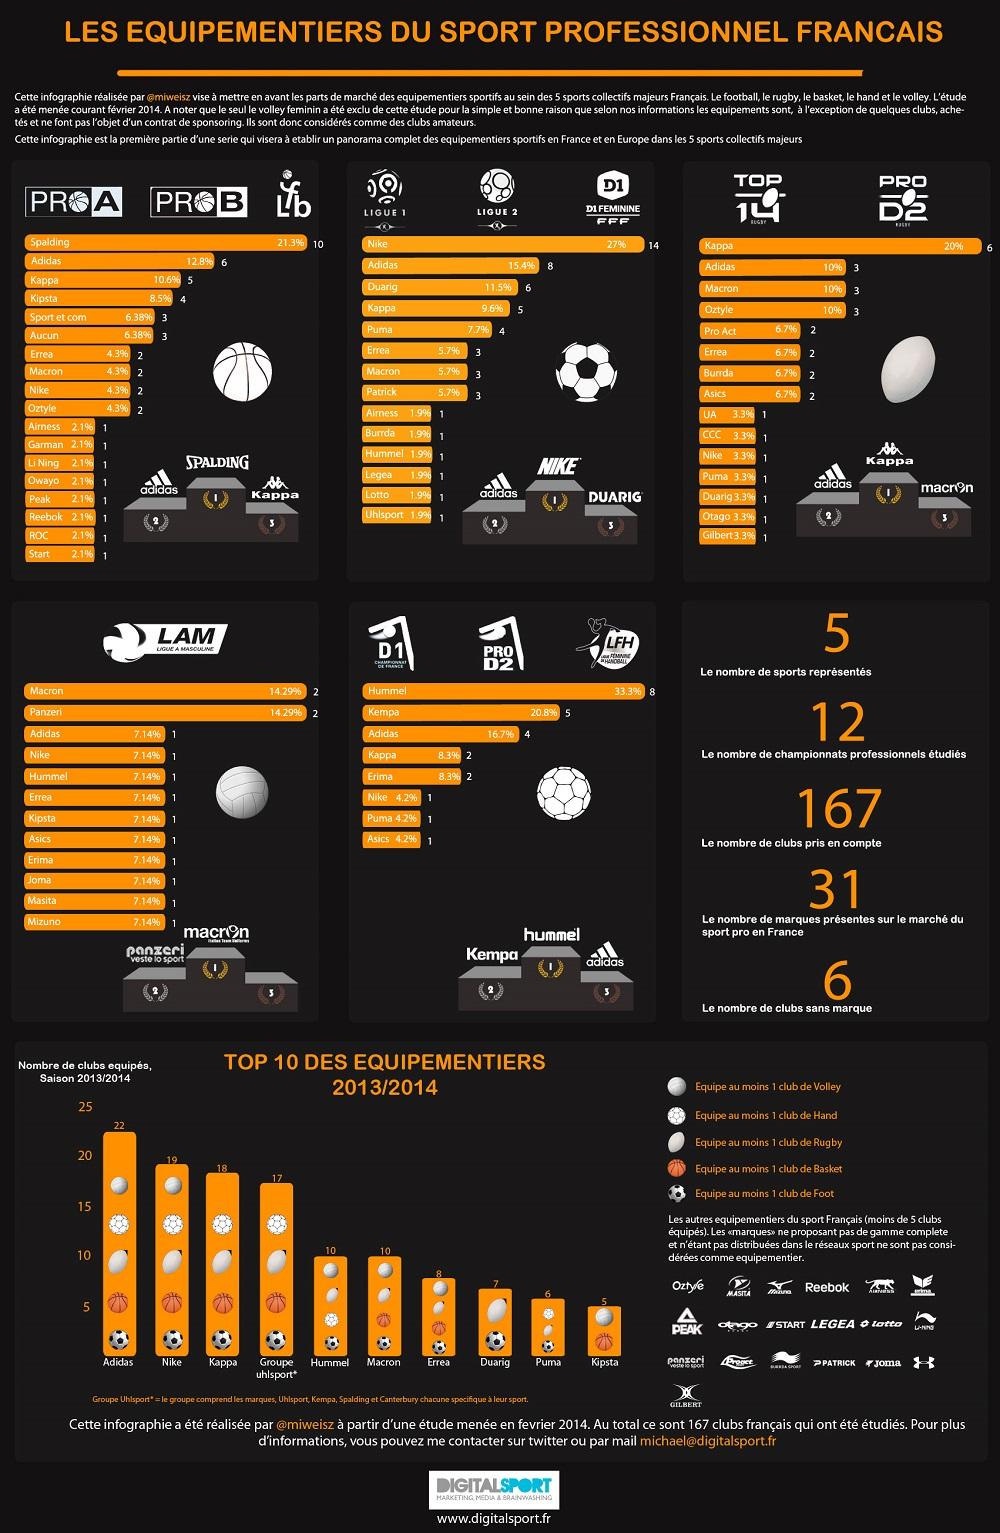 infographie-equipementiers-sport